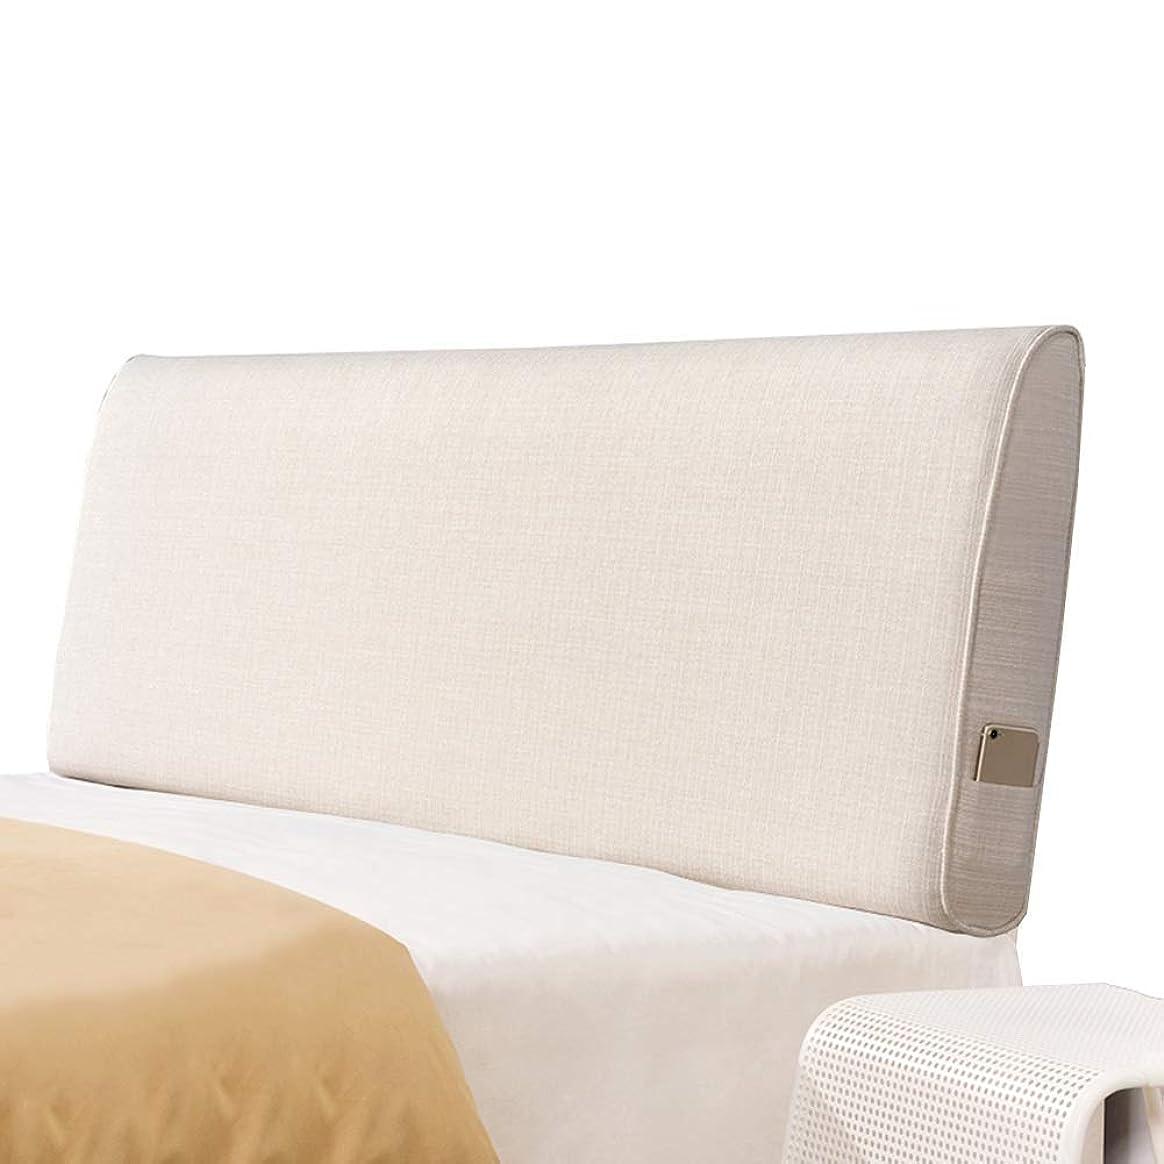 ノート慢動揺させるWZBヘッドボードクッションアンチコリジョンピローフラックス通気性快適ウエストを簡単にサポート、5サイズ、6色(カラー:Bベージュ、サイズ:150x60x10cm)